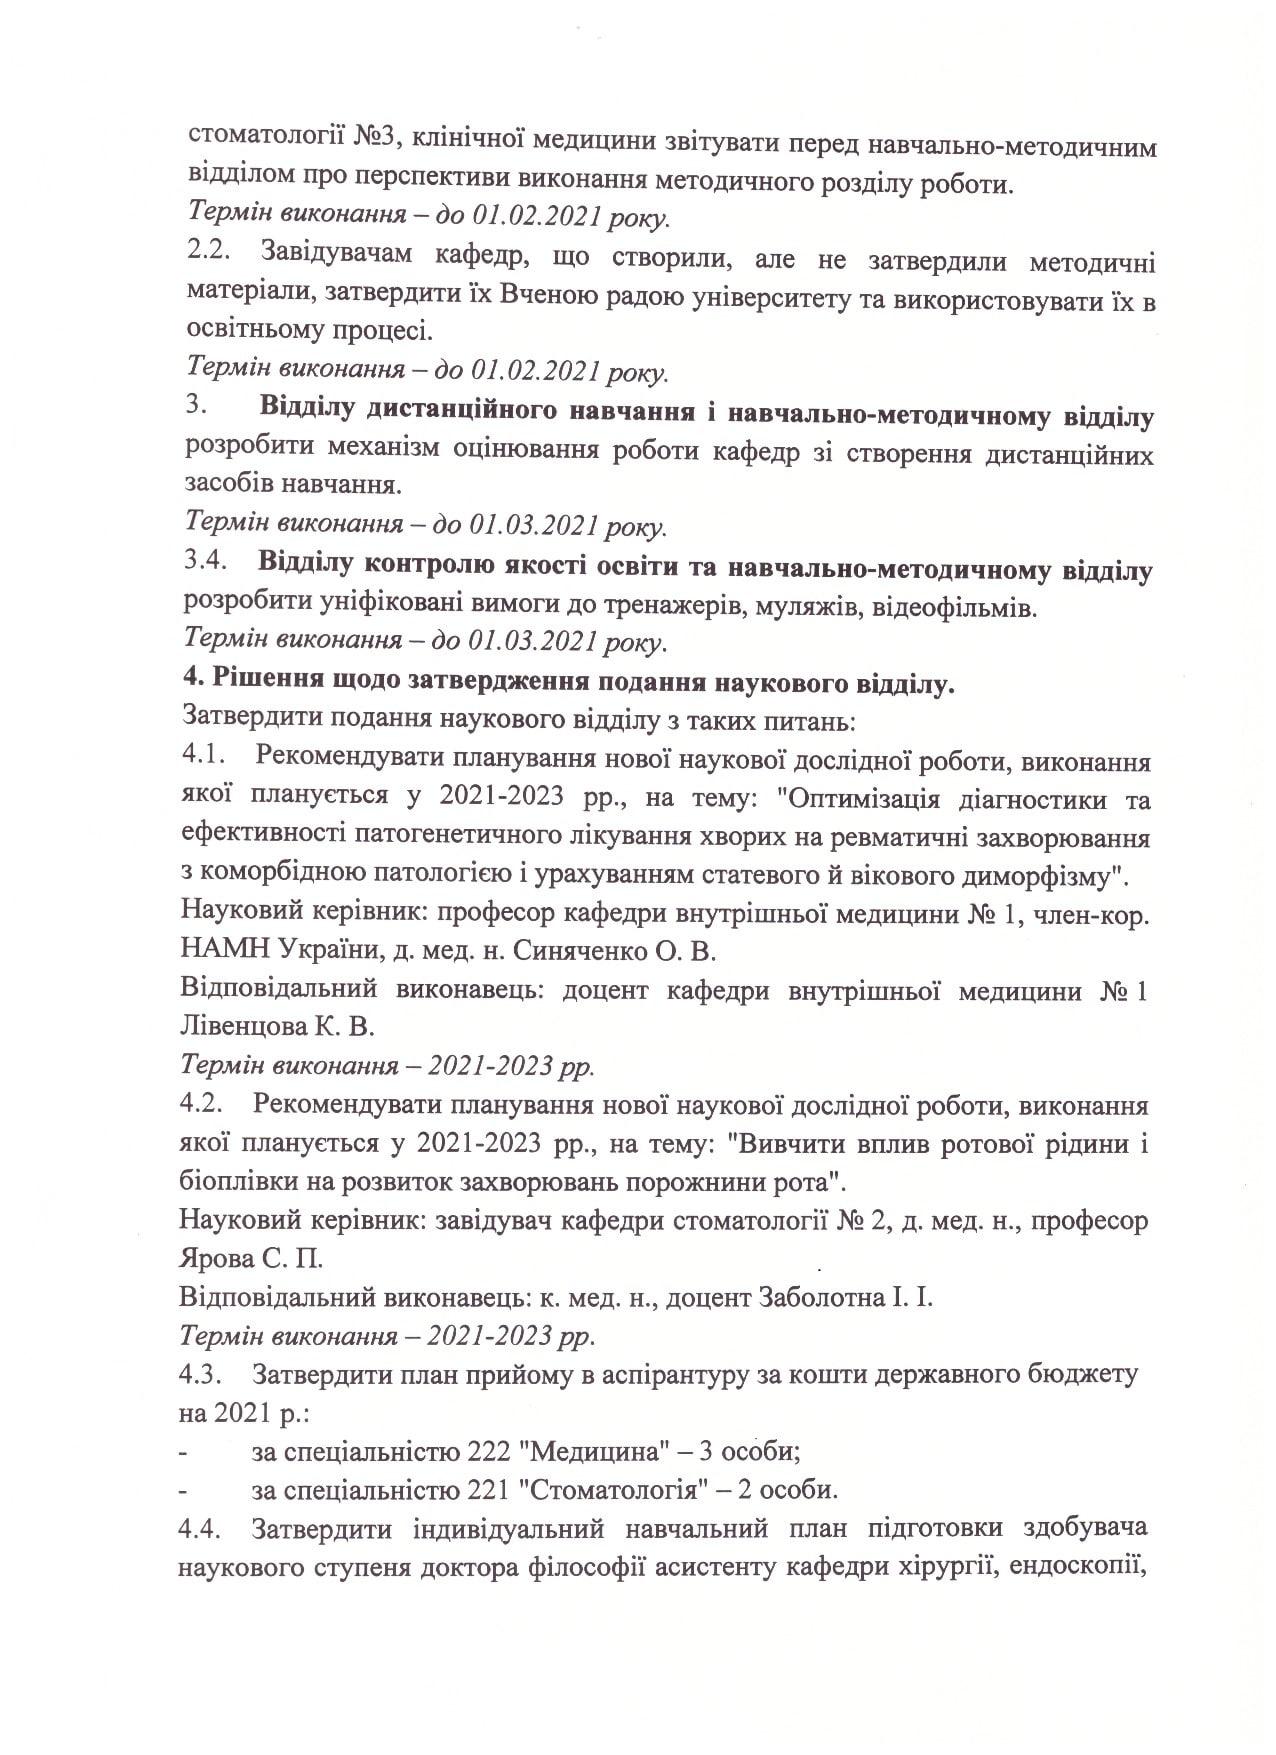 rishennya vr protokol 5 10.12 3